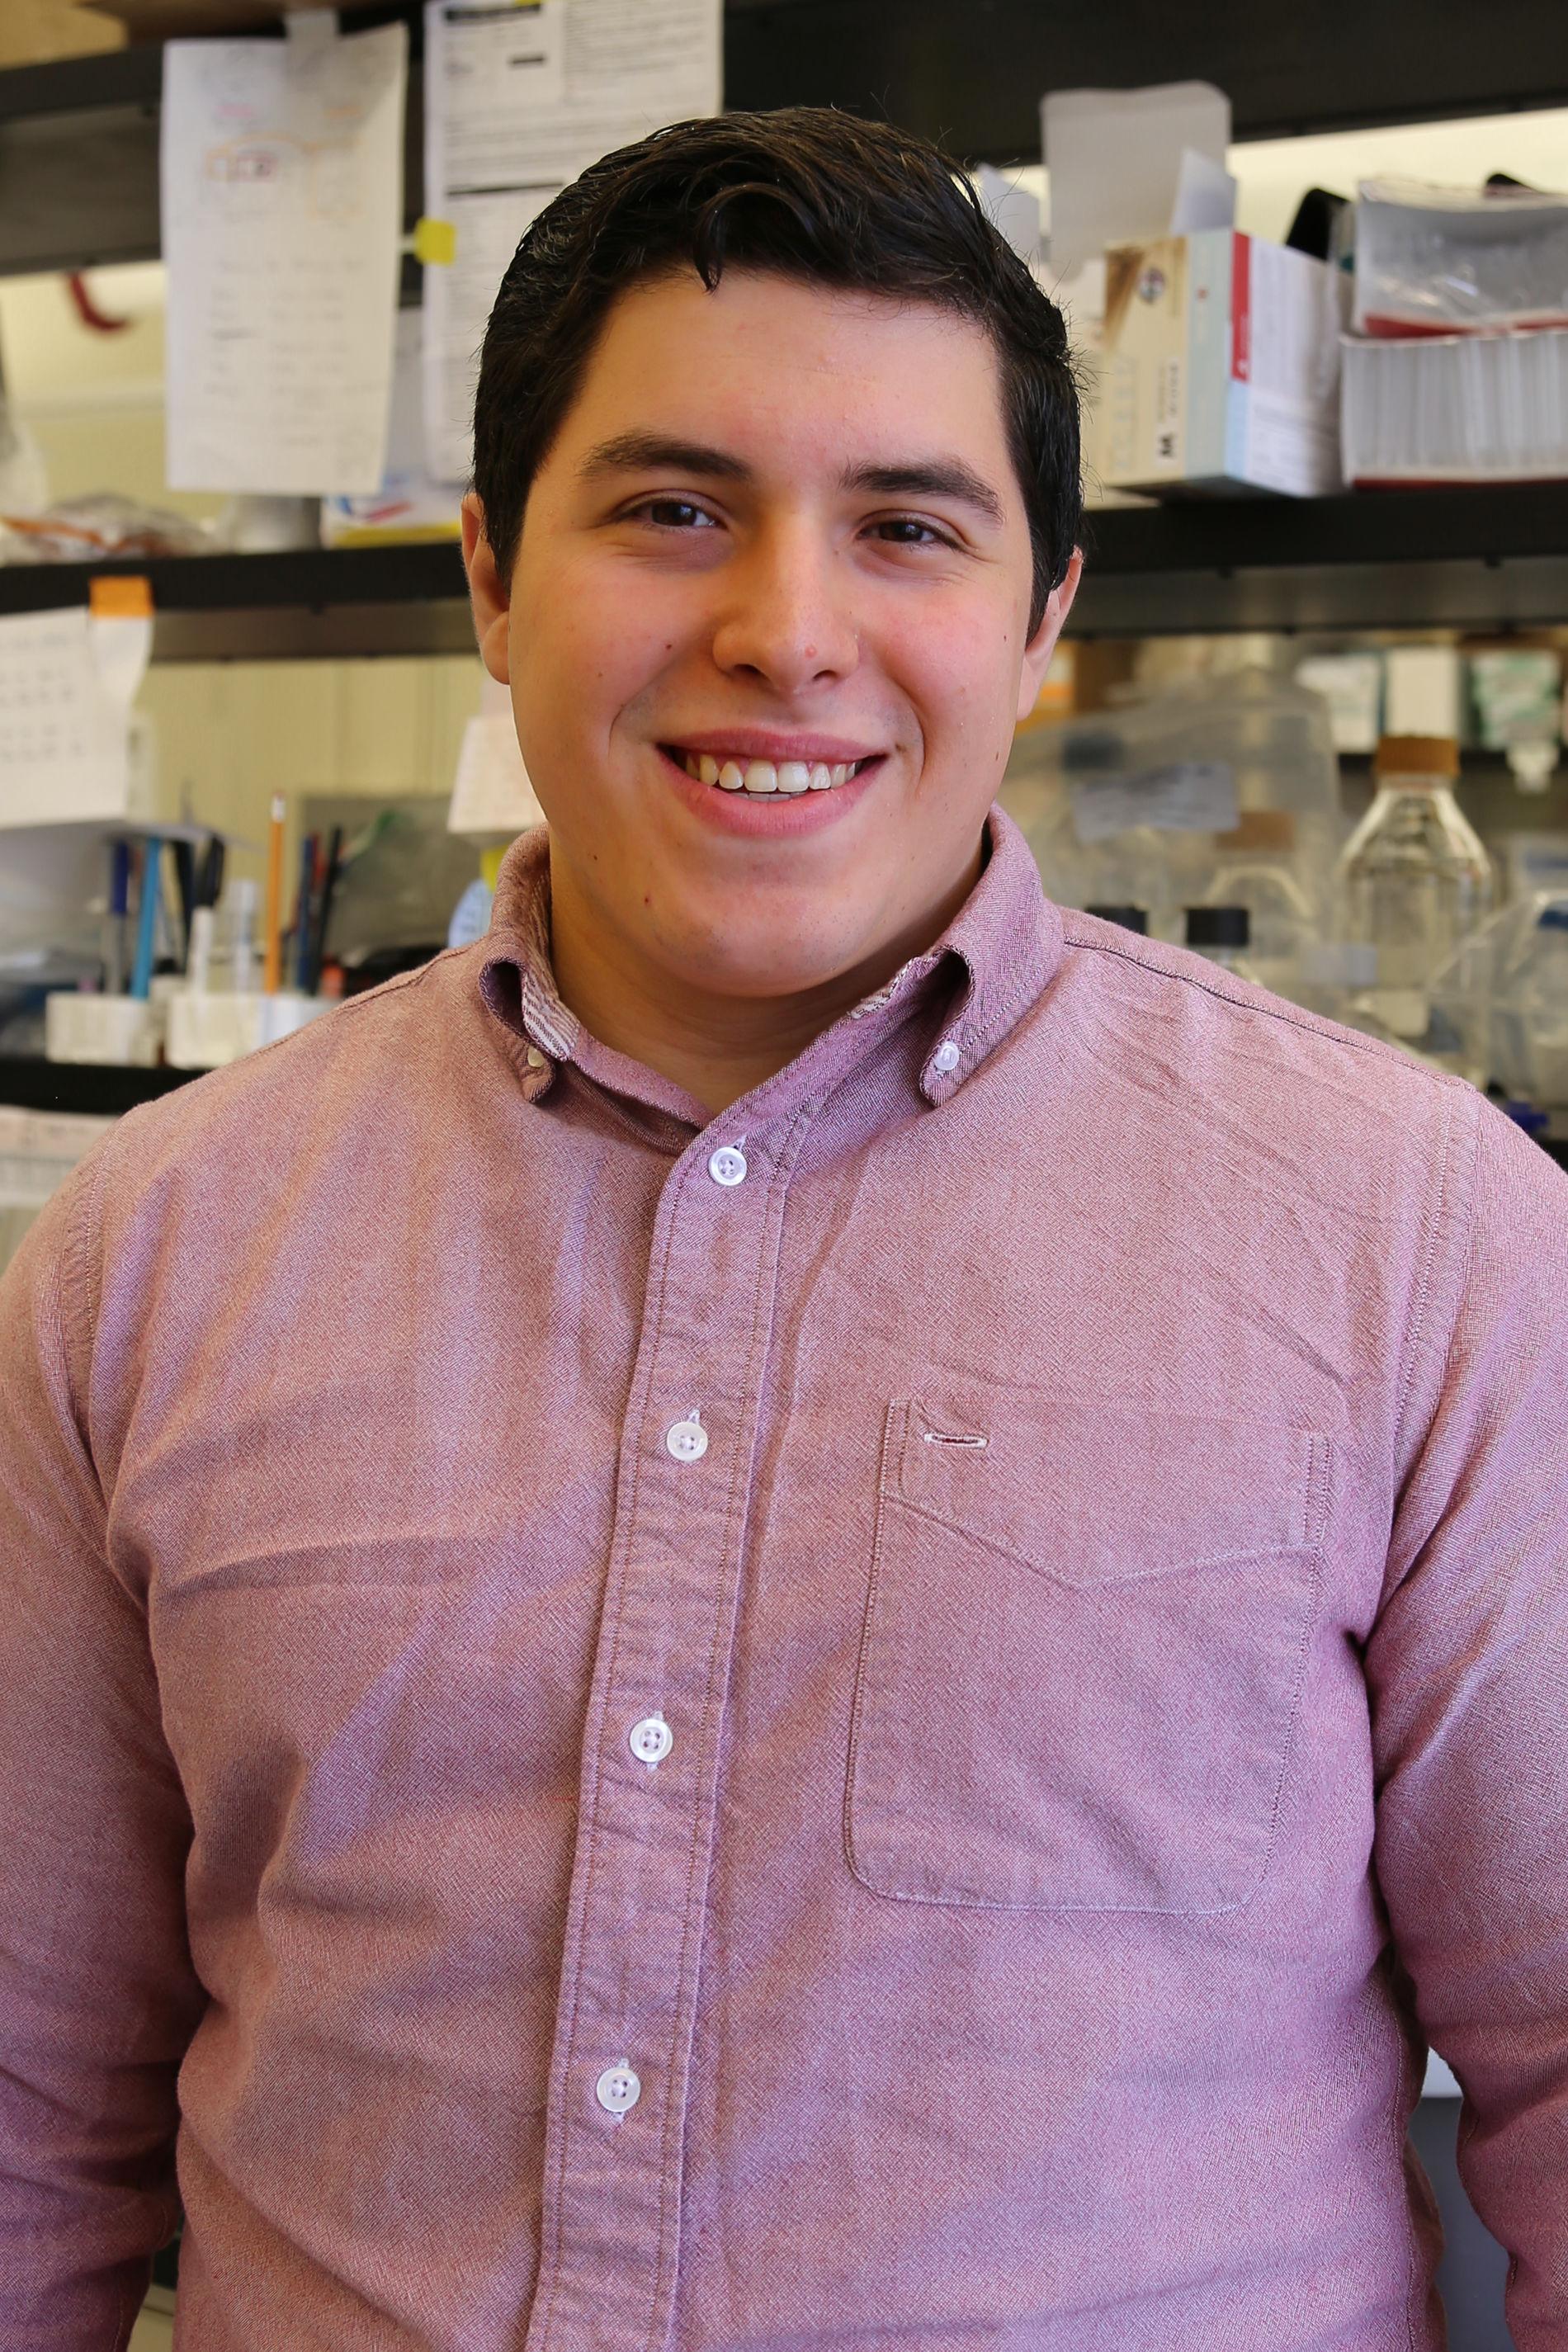 Stephen Deangelo - Research Technician